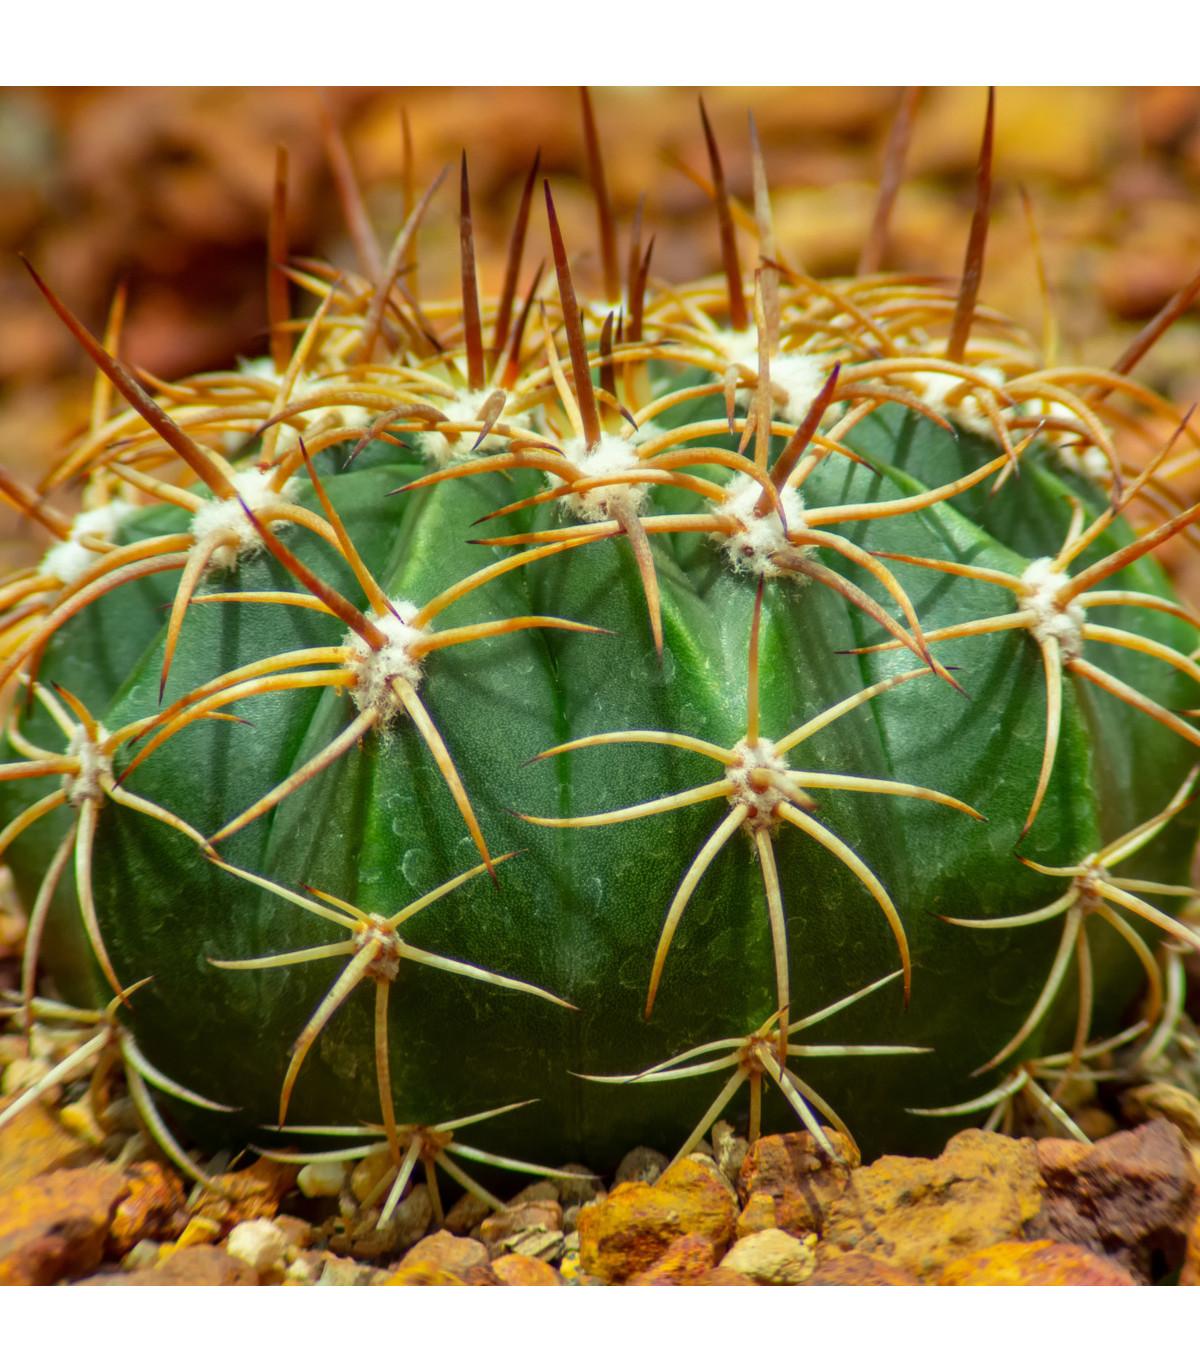 Echinokaktus Grusonov - Zlatá guľa - semená Echinokaktusu - Echinocactus grusonii - 8 ks